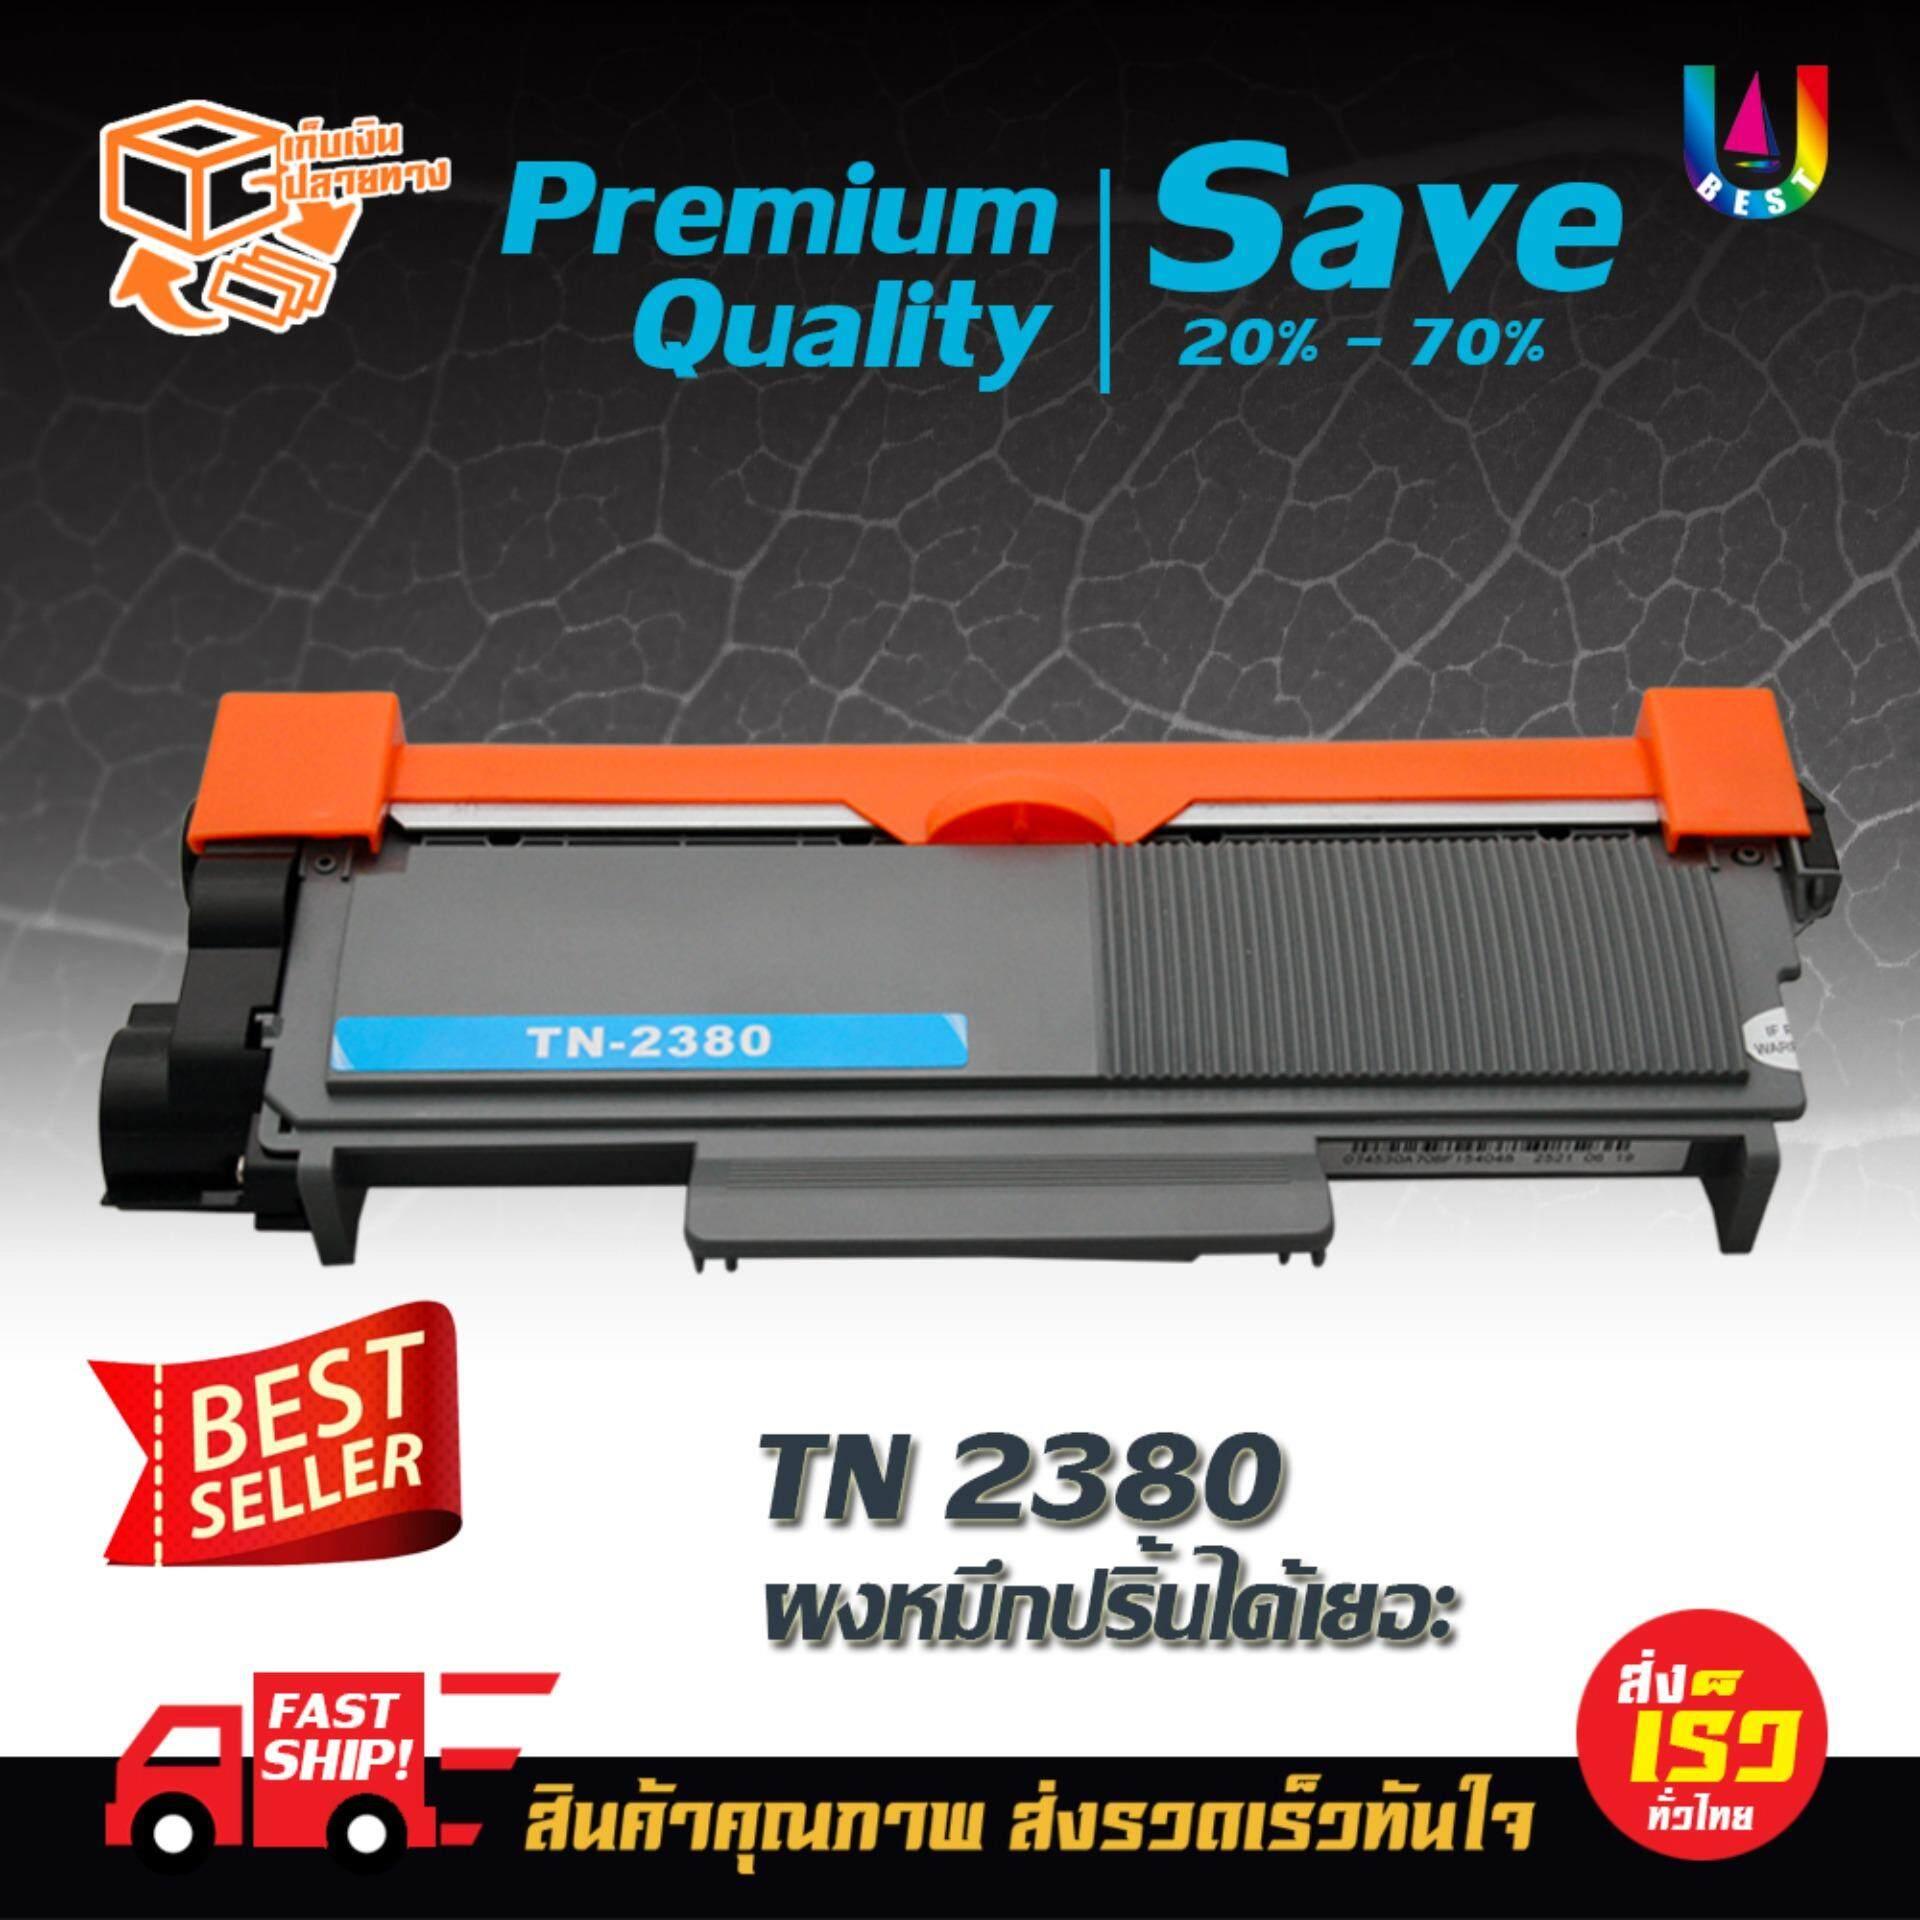 ซื้อ Brother Tn 2380 ใช้กับปริ๊นเตอร์รุ่น Brother Hl L2320D Hl L2360Dn Hl L2365Dw Dcp L2520D Dcp L2540Dw Mfc L2700D Mfc L2700Dw Mfc L2740Dw Best4U Best 4 U เป็นต้นฉบับ